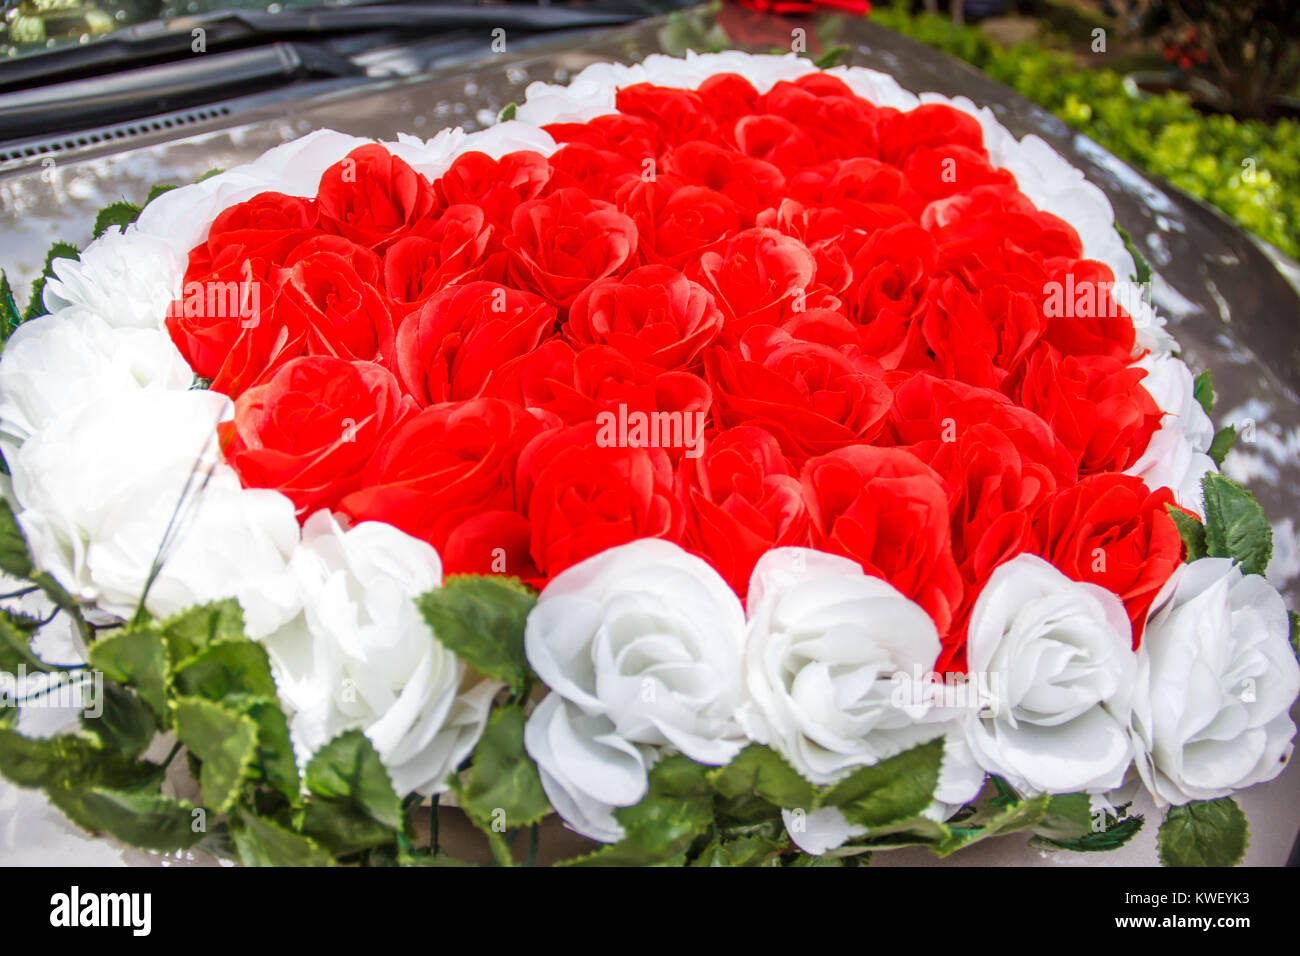 herzf rmige rote und wei e rosen blumen hochzeit blumenstrau vor das auto des frisch verm hlte. Black Bedroom Furniture Sets. Home Design Ideas